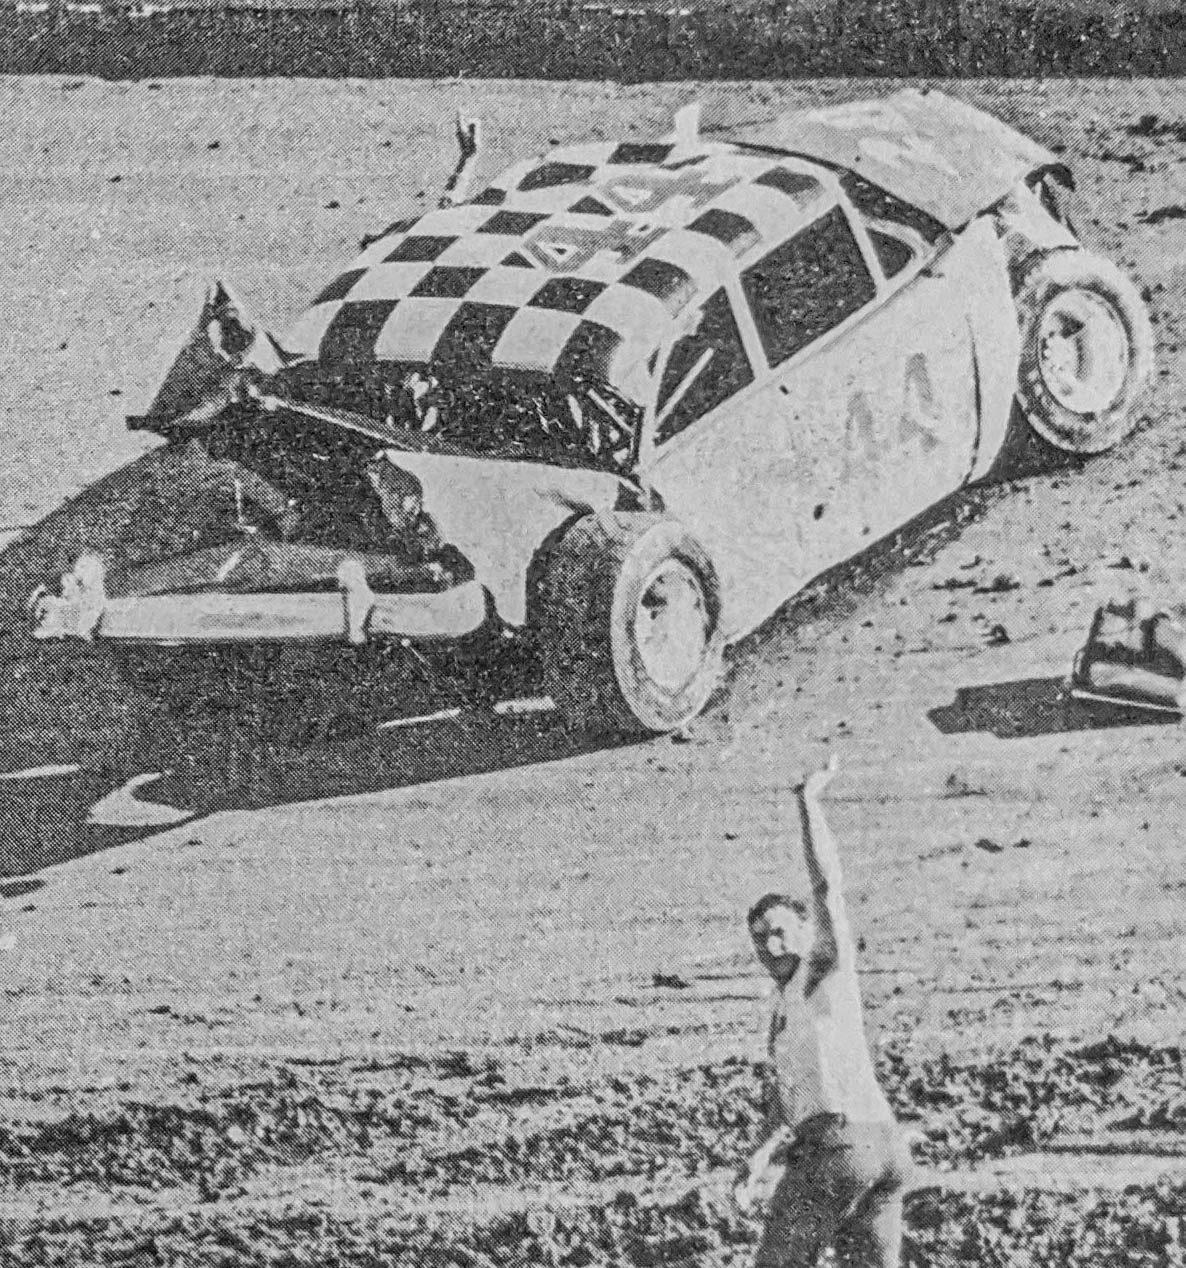 20200418-Coweta-Racing-Wreck-1.jpg?mtime=20200417221119#asset:47928